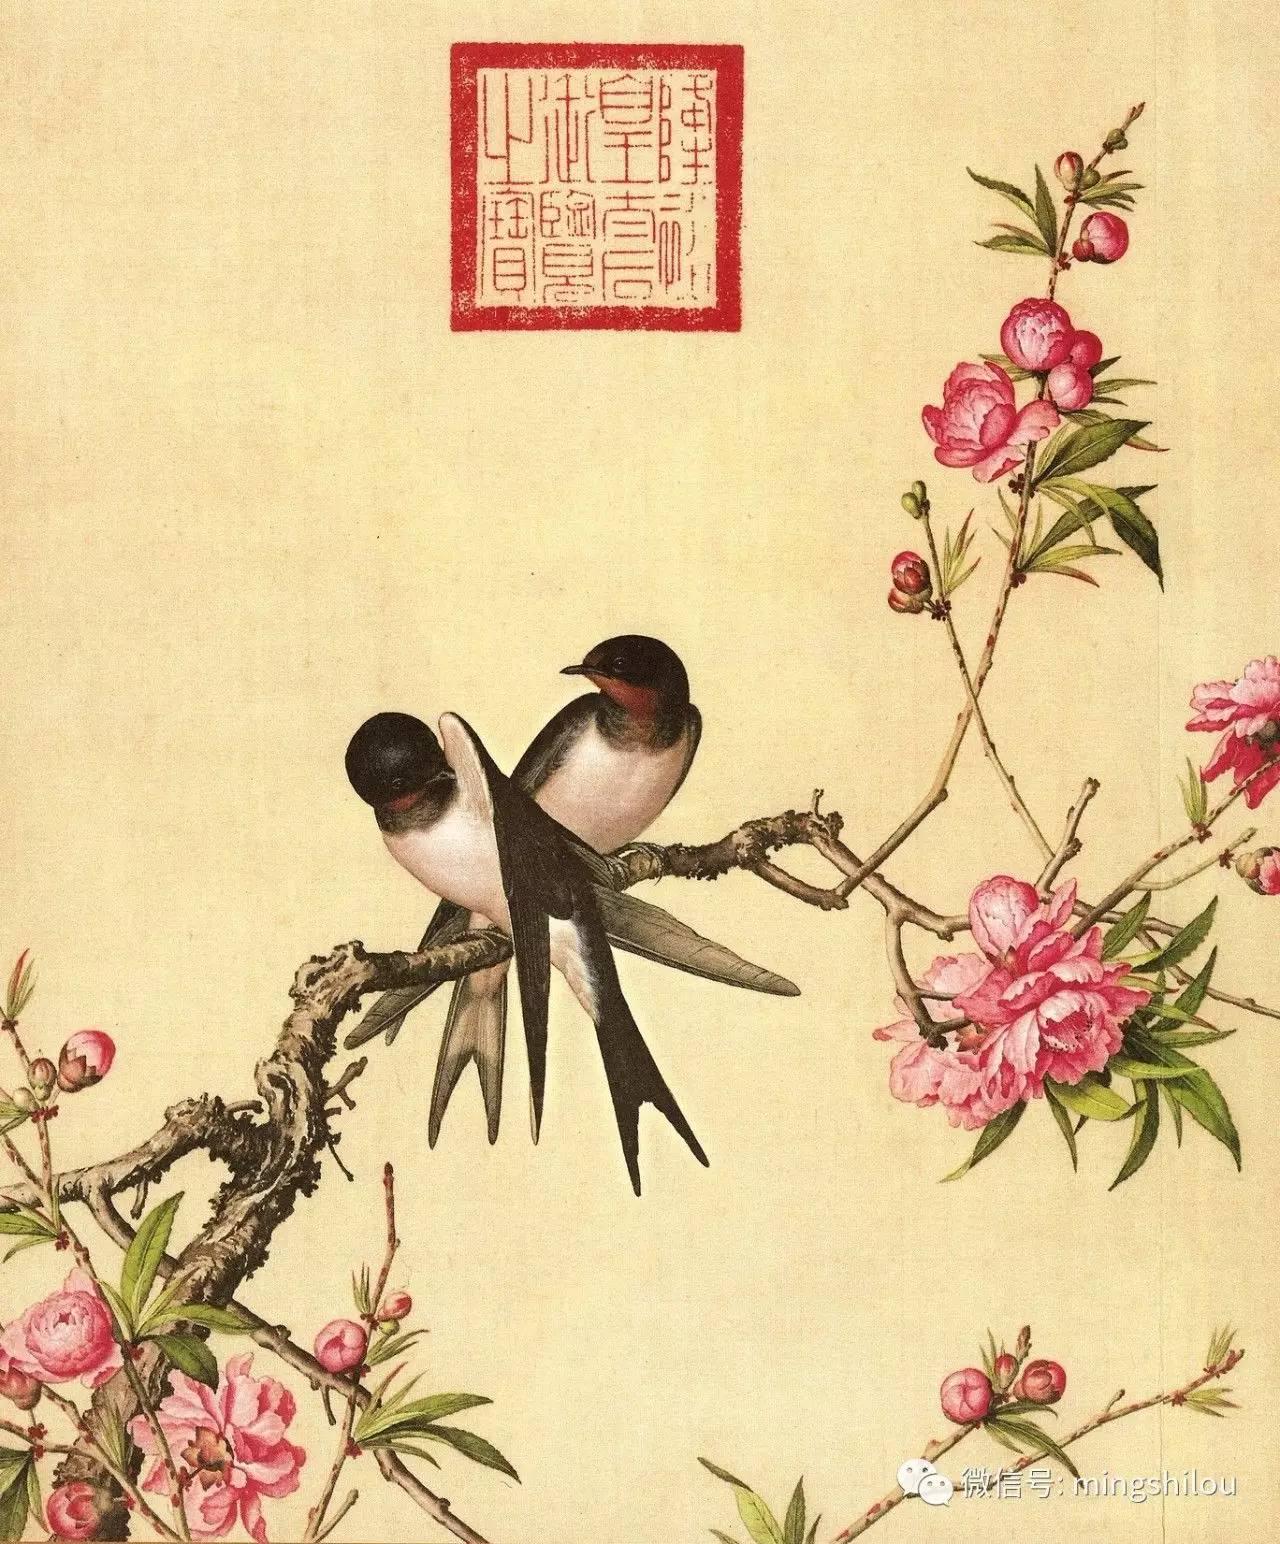 这些绝美的工笔画花鸟是意大利画师郎世宁在清朝画的 搜狐文化 搜狐网